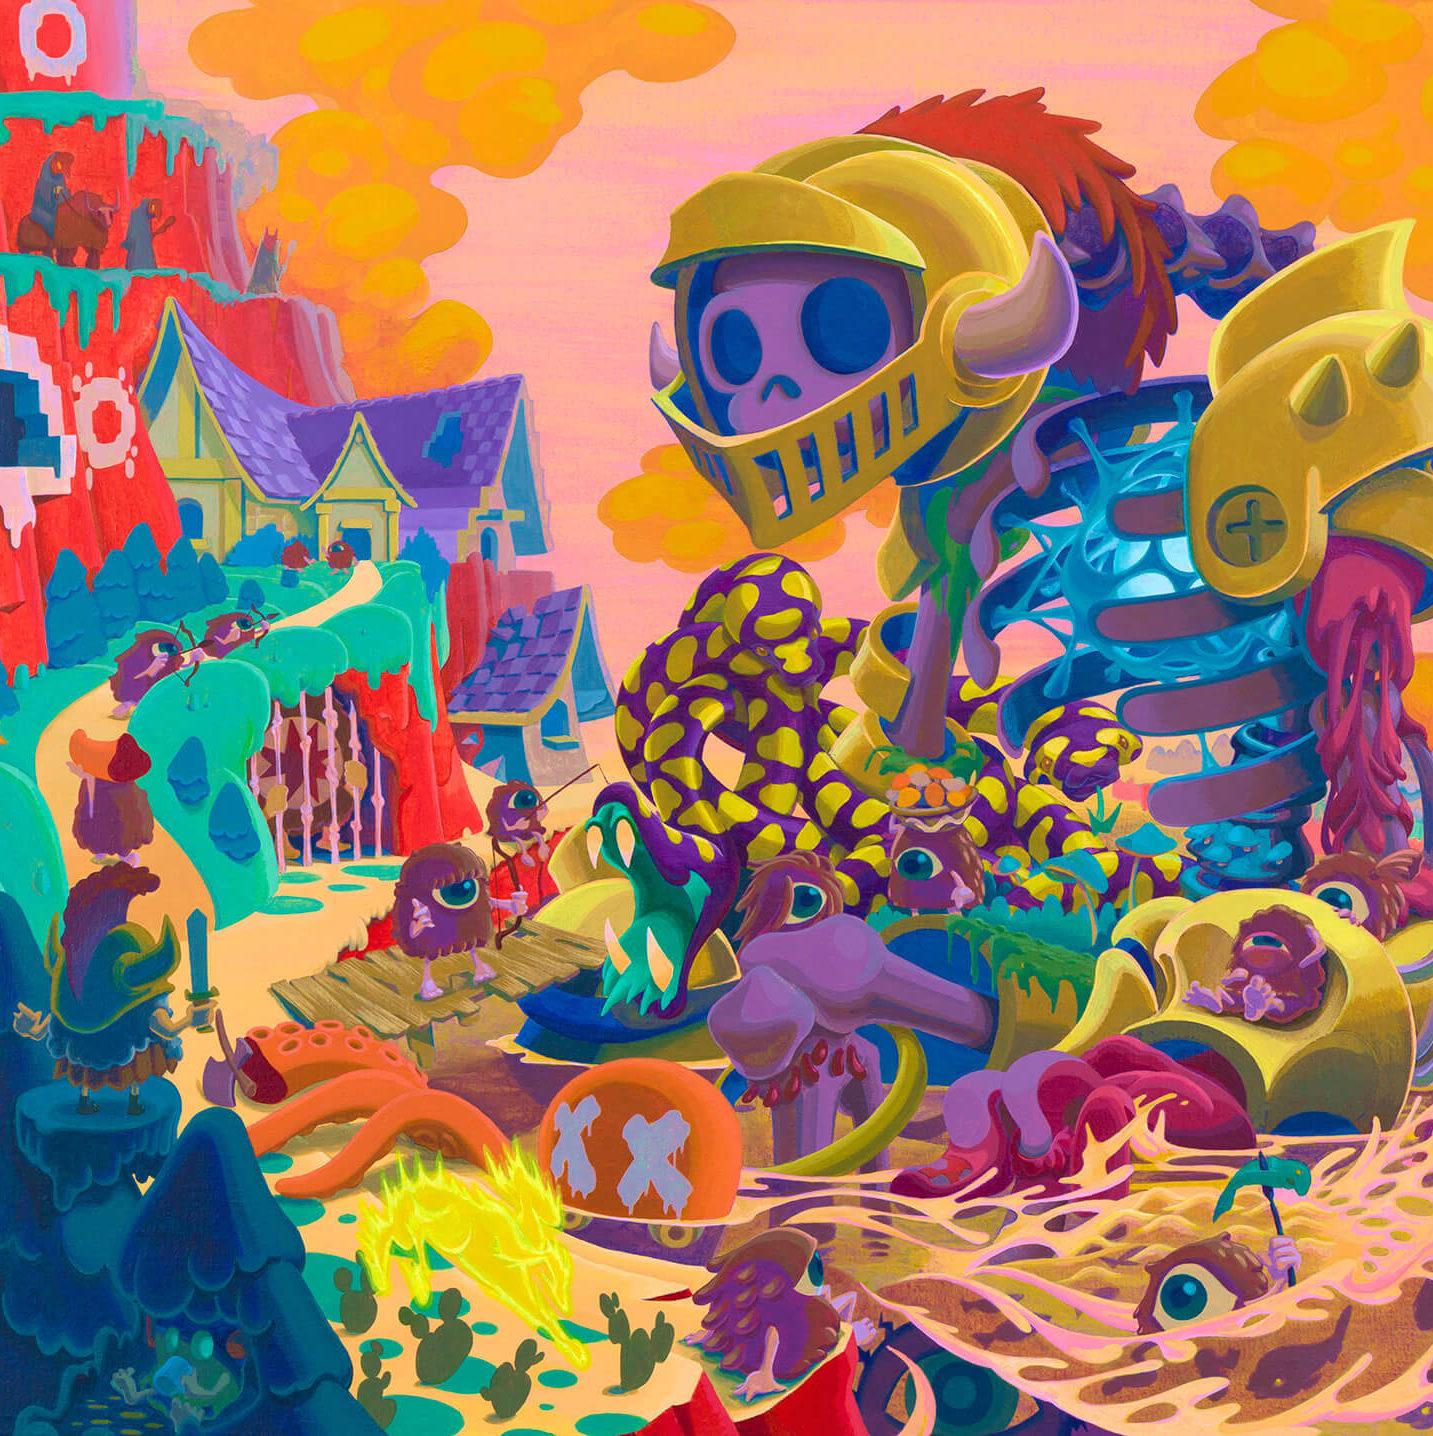 いにしえ -INISHIE- | Acrylic on canvas 606×803 (mm) 2020